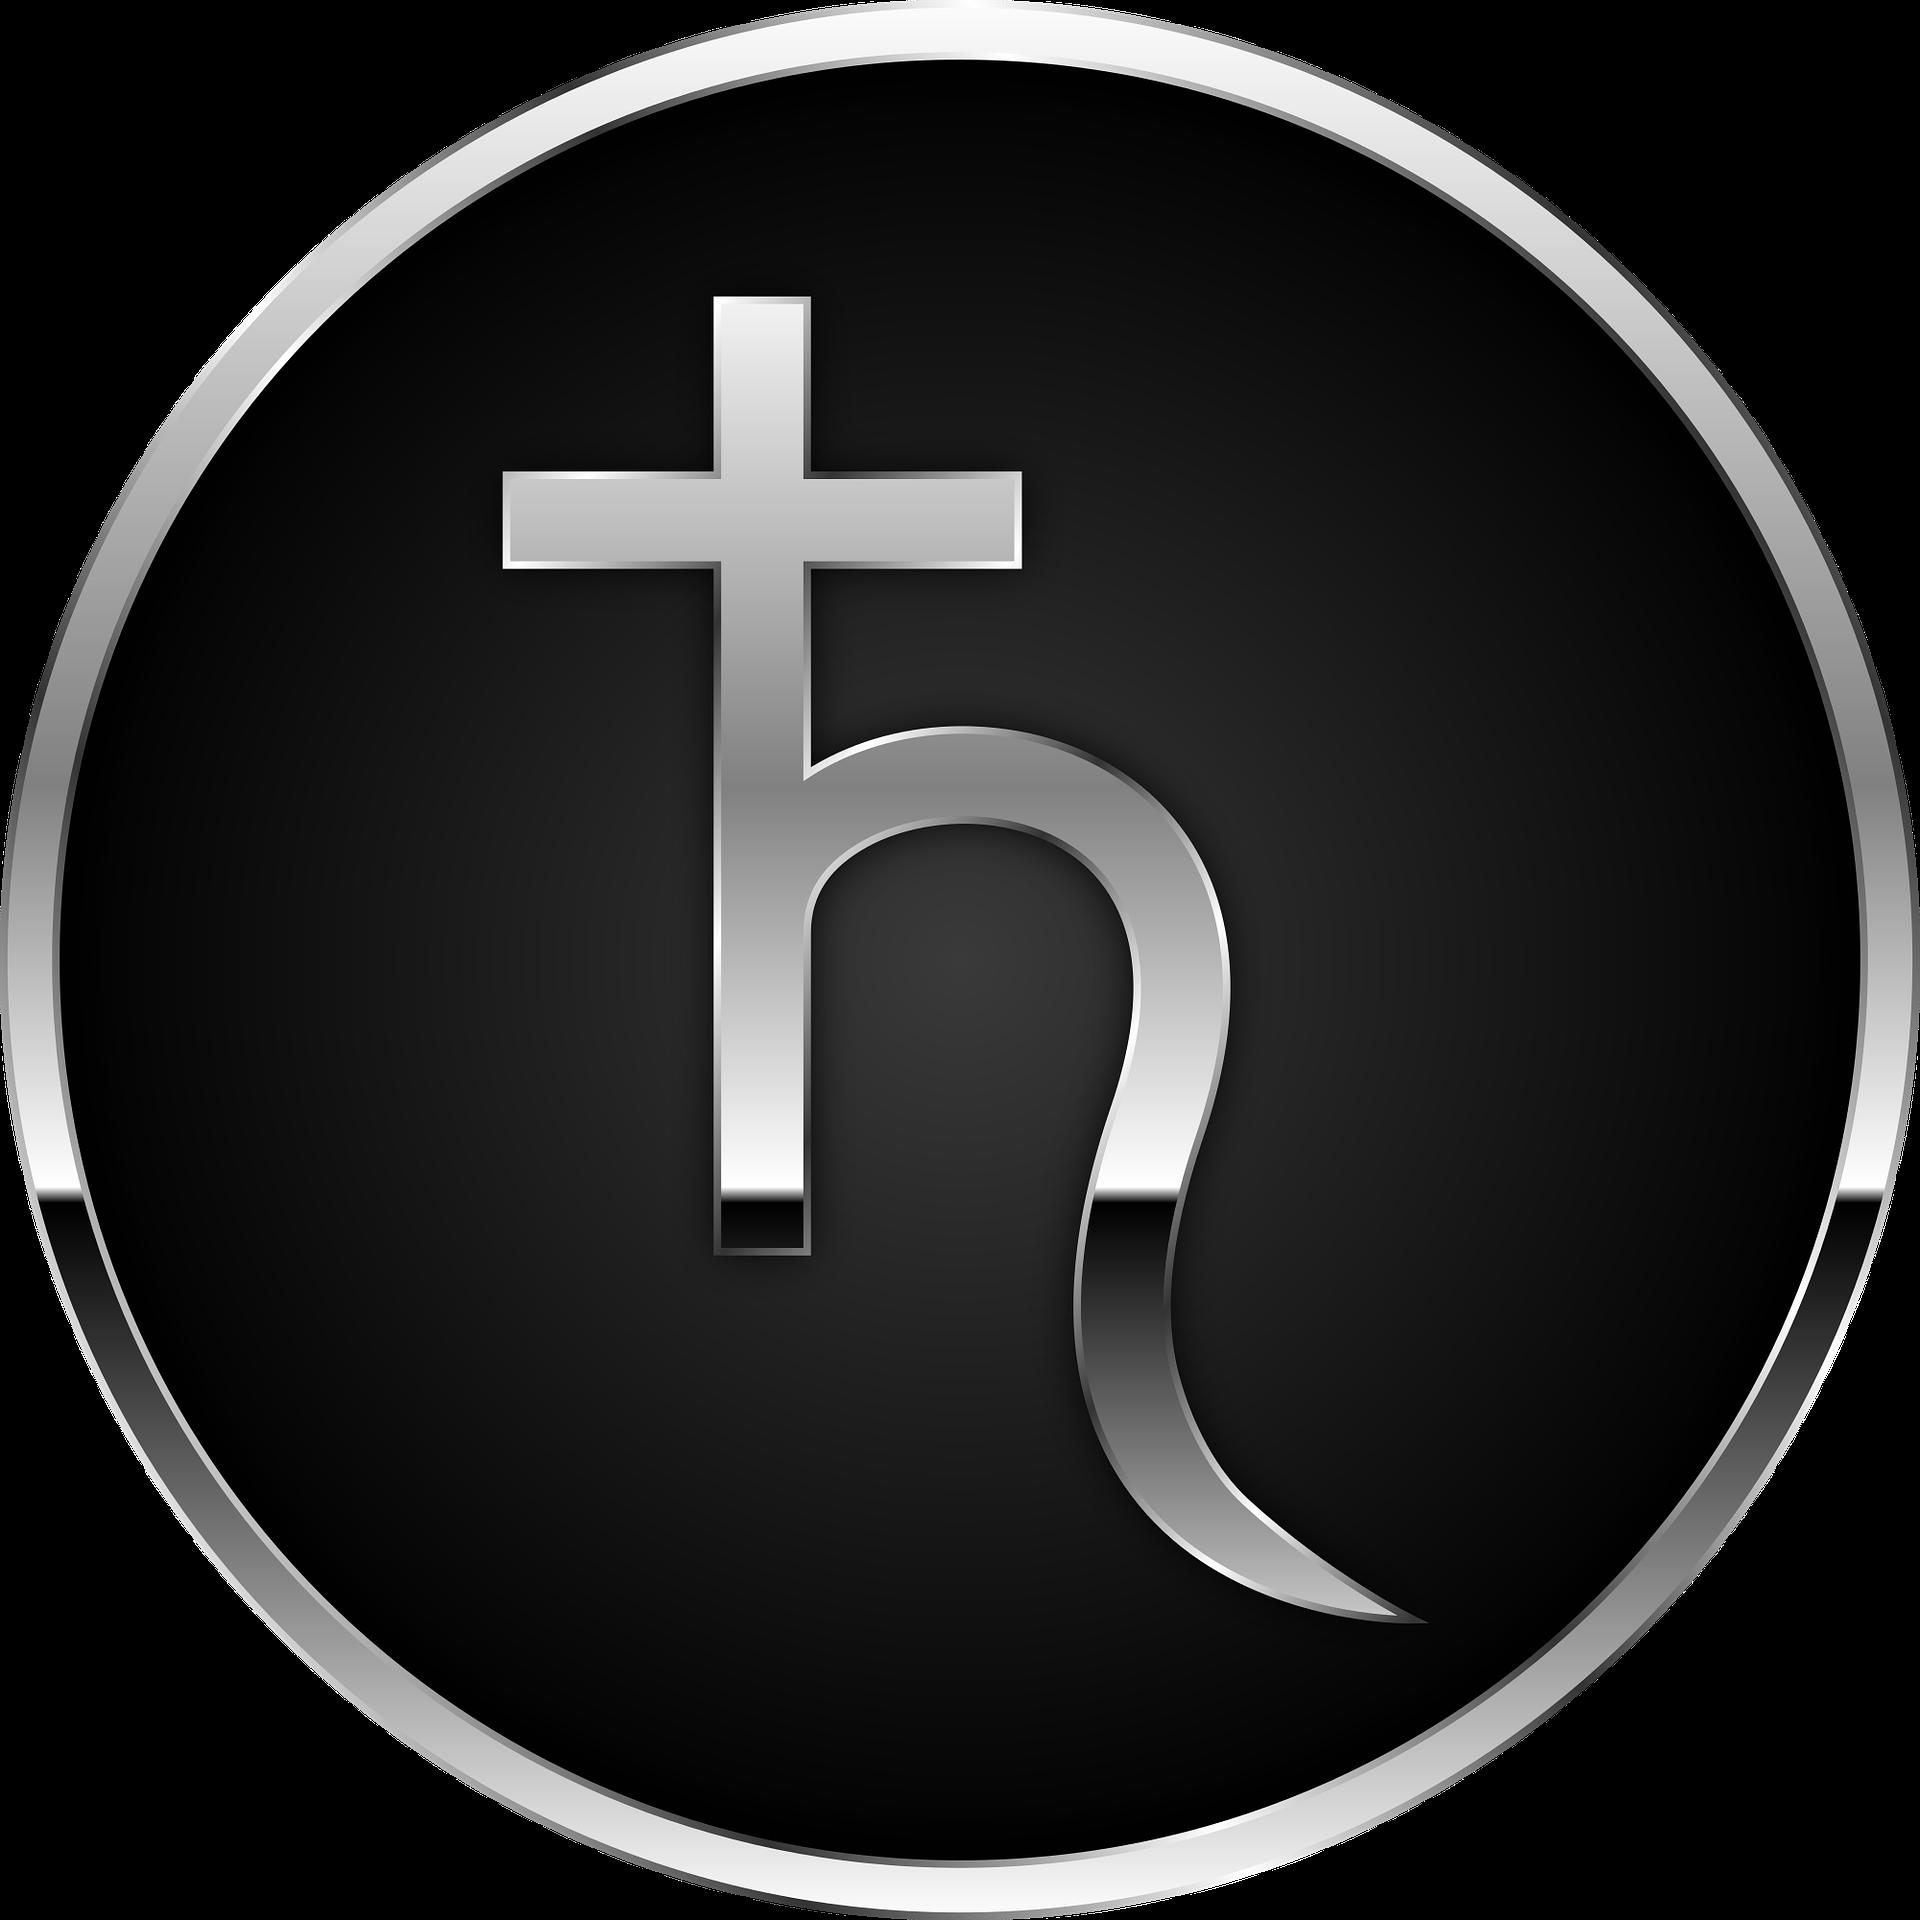 Simbolo di Saturno